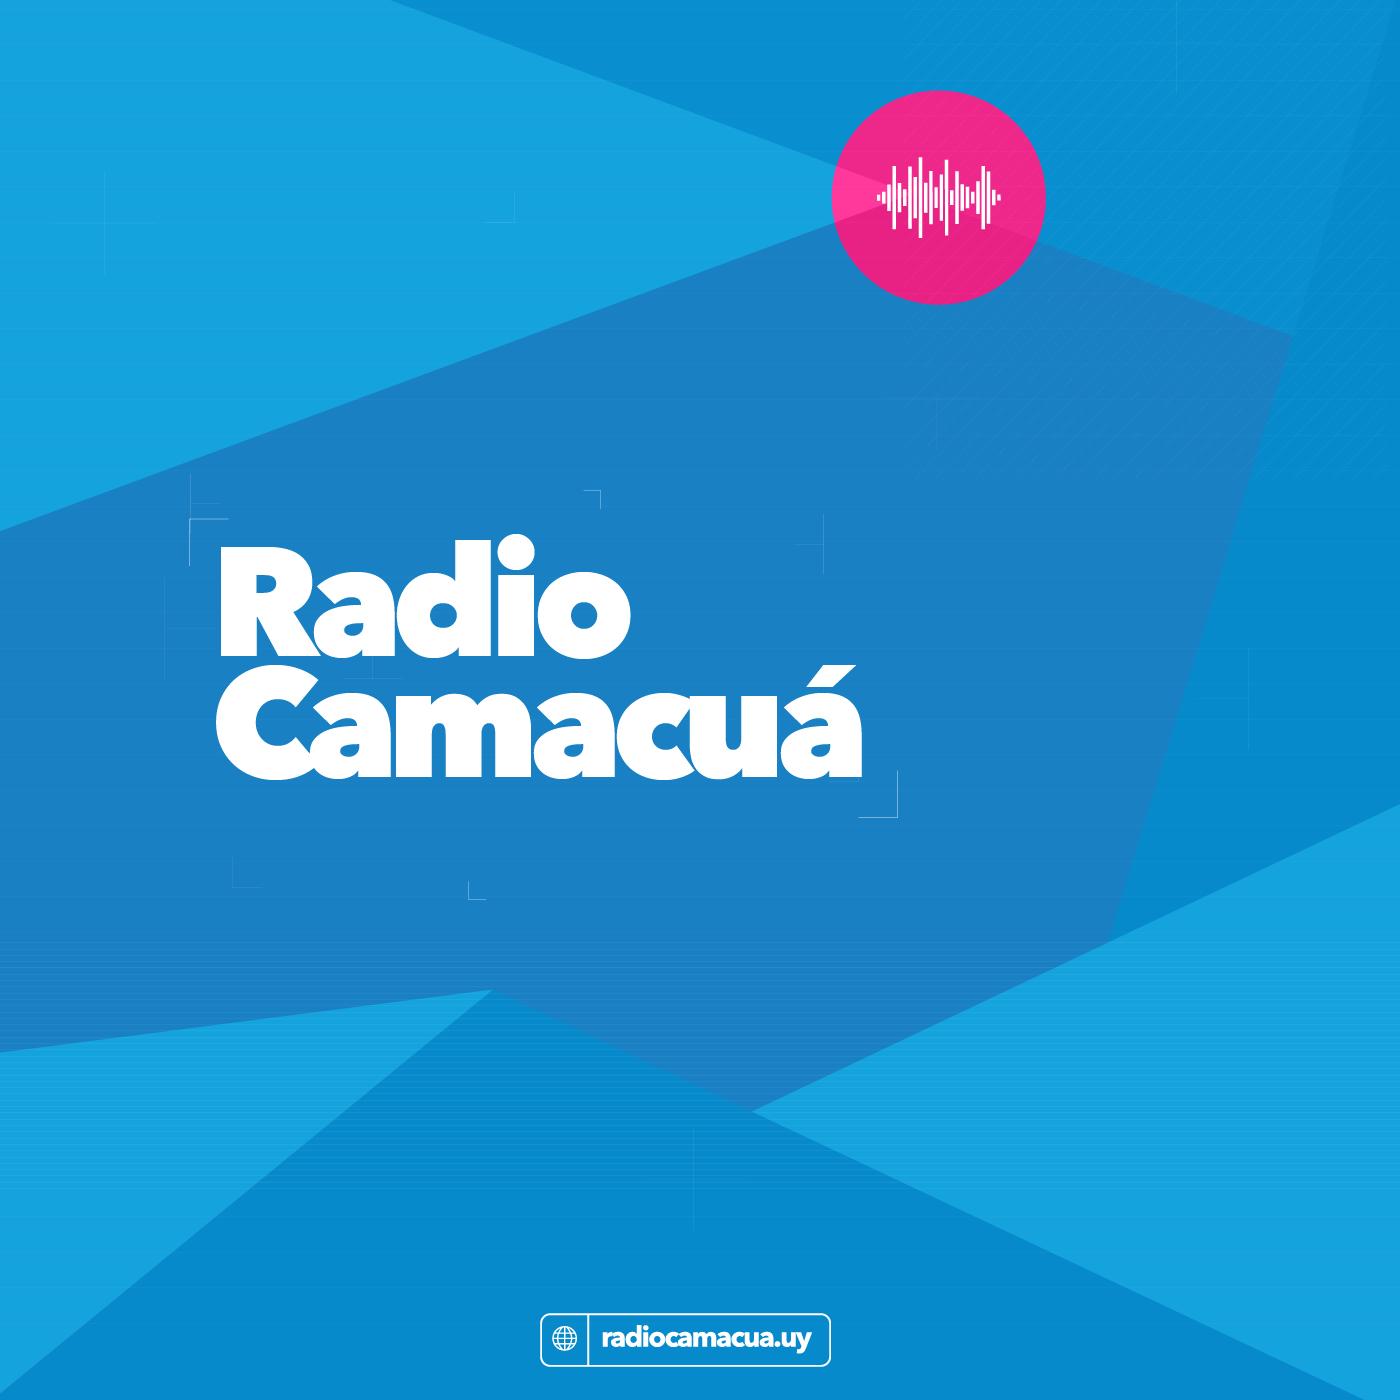 Radio Camacuá